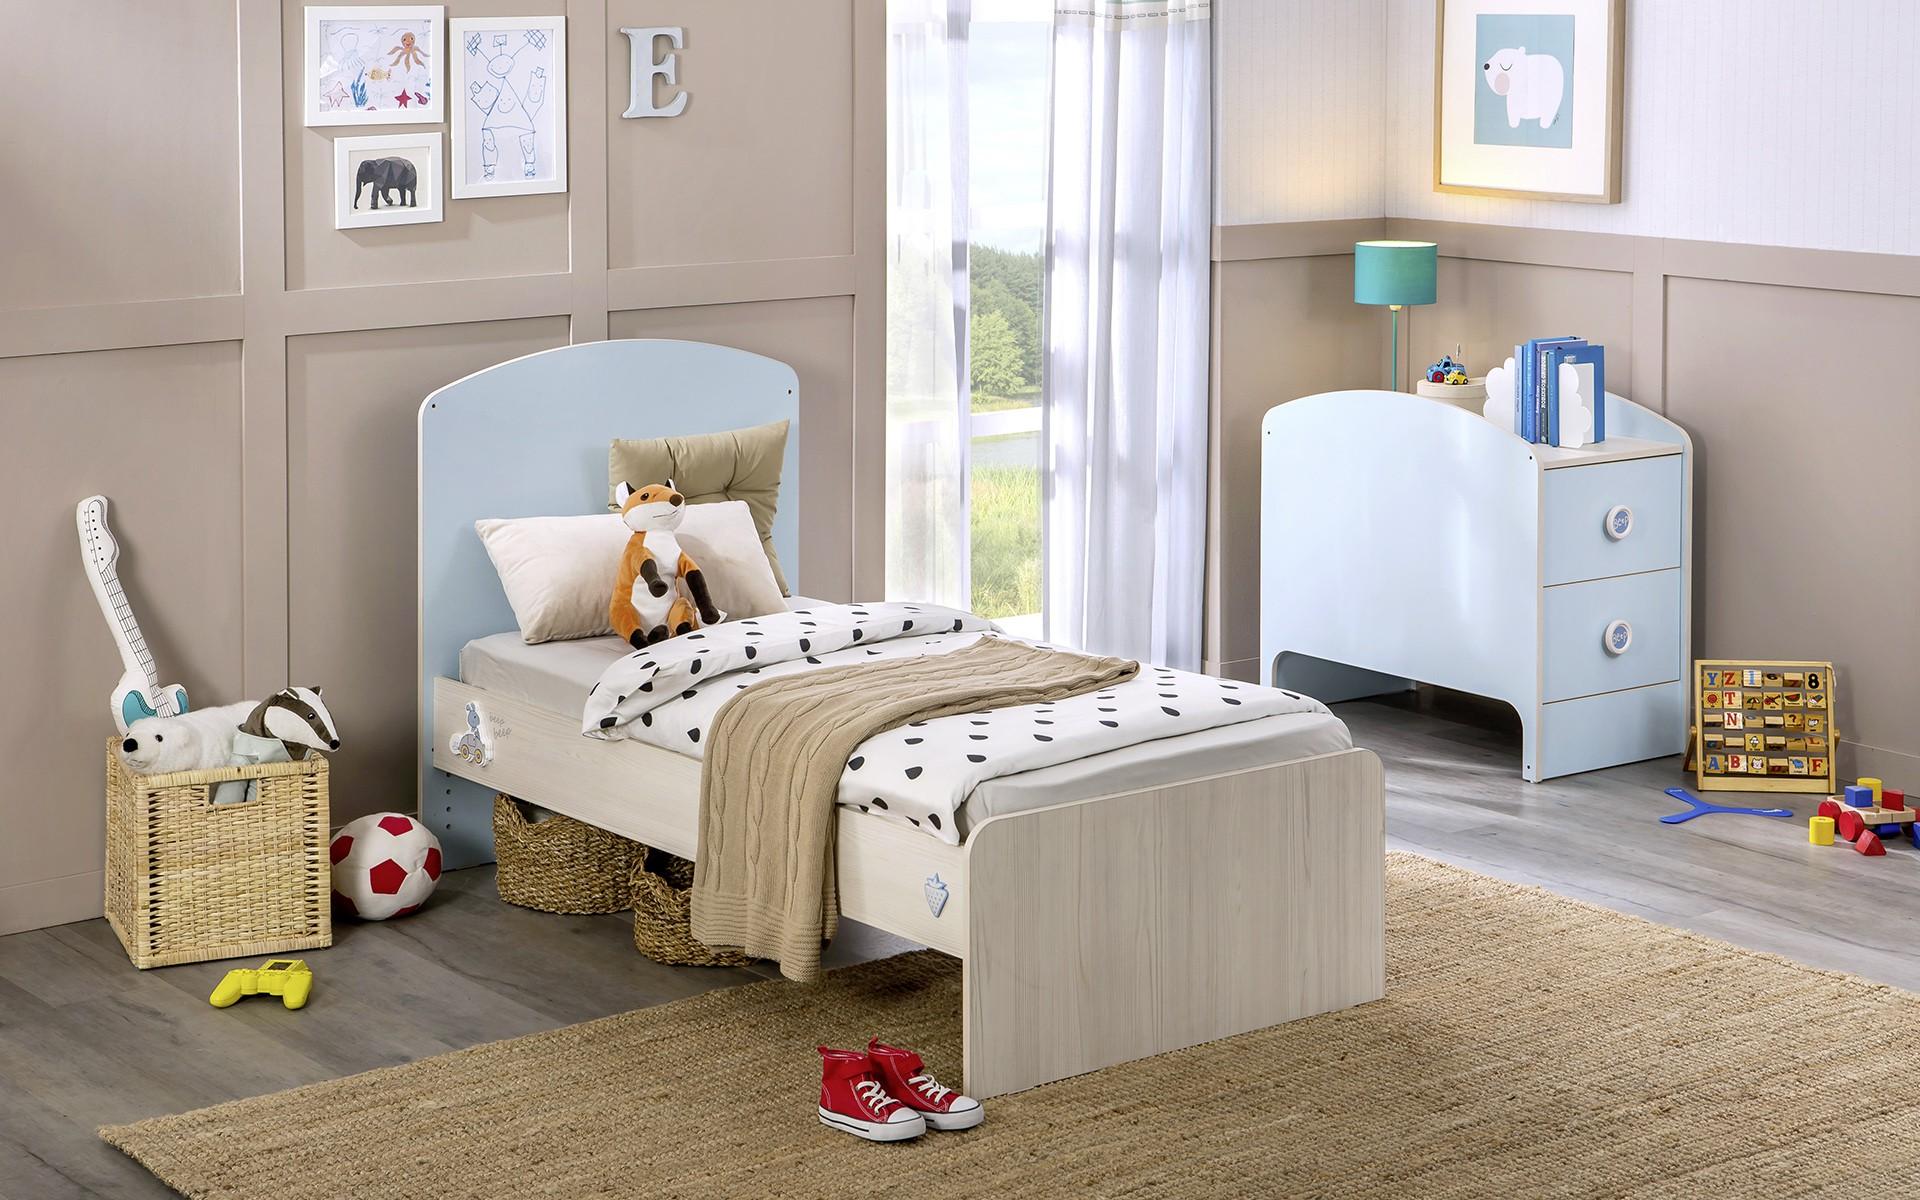 Babykamer blauw babybed ledikant meegroeibed jongens specialist in